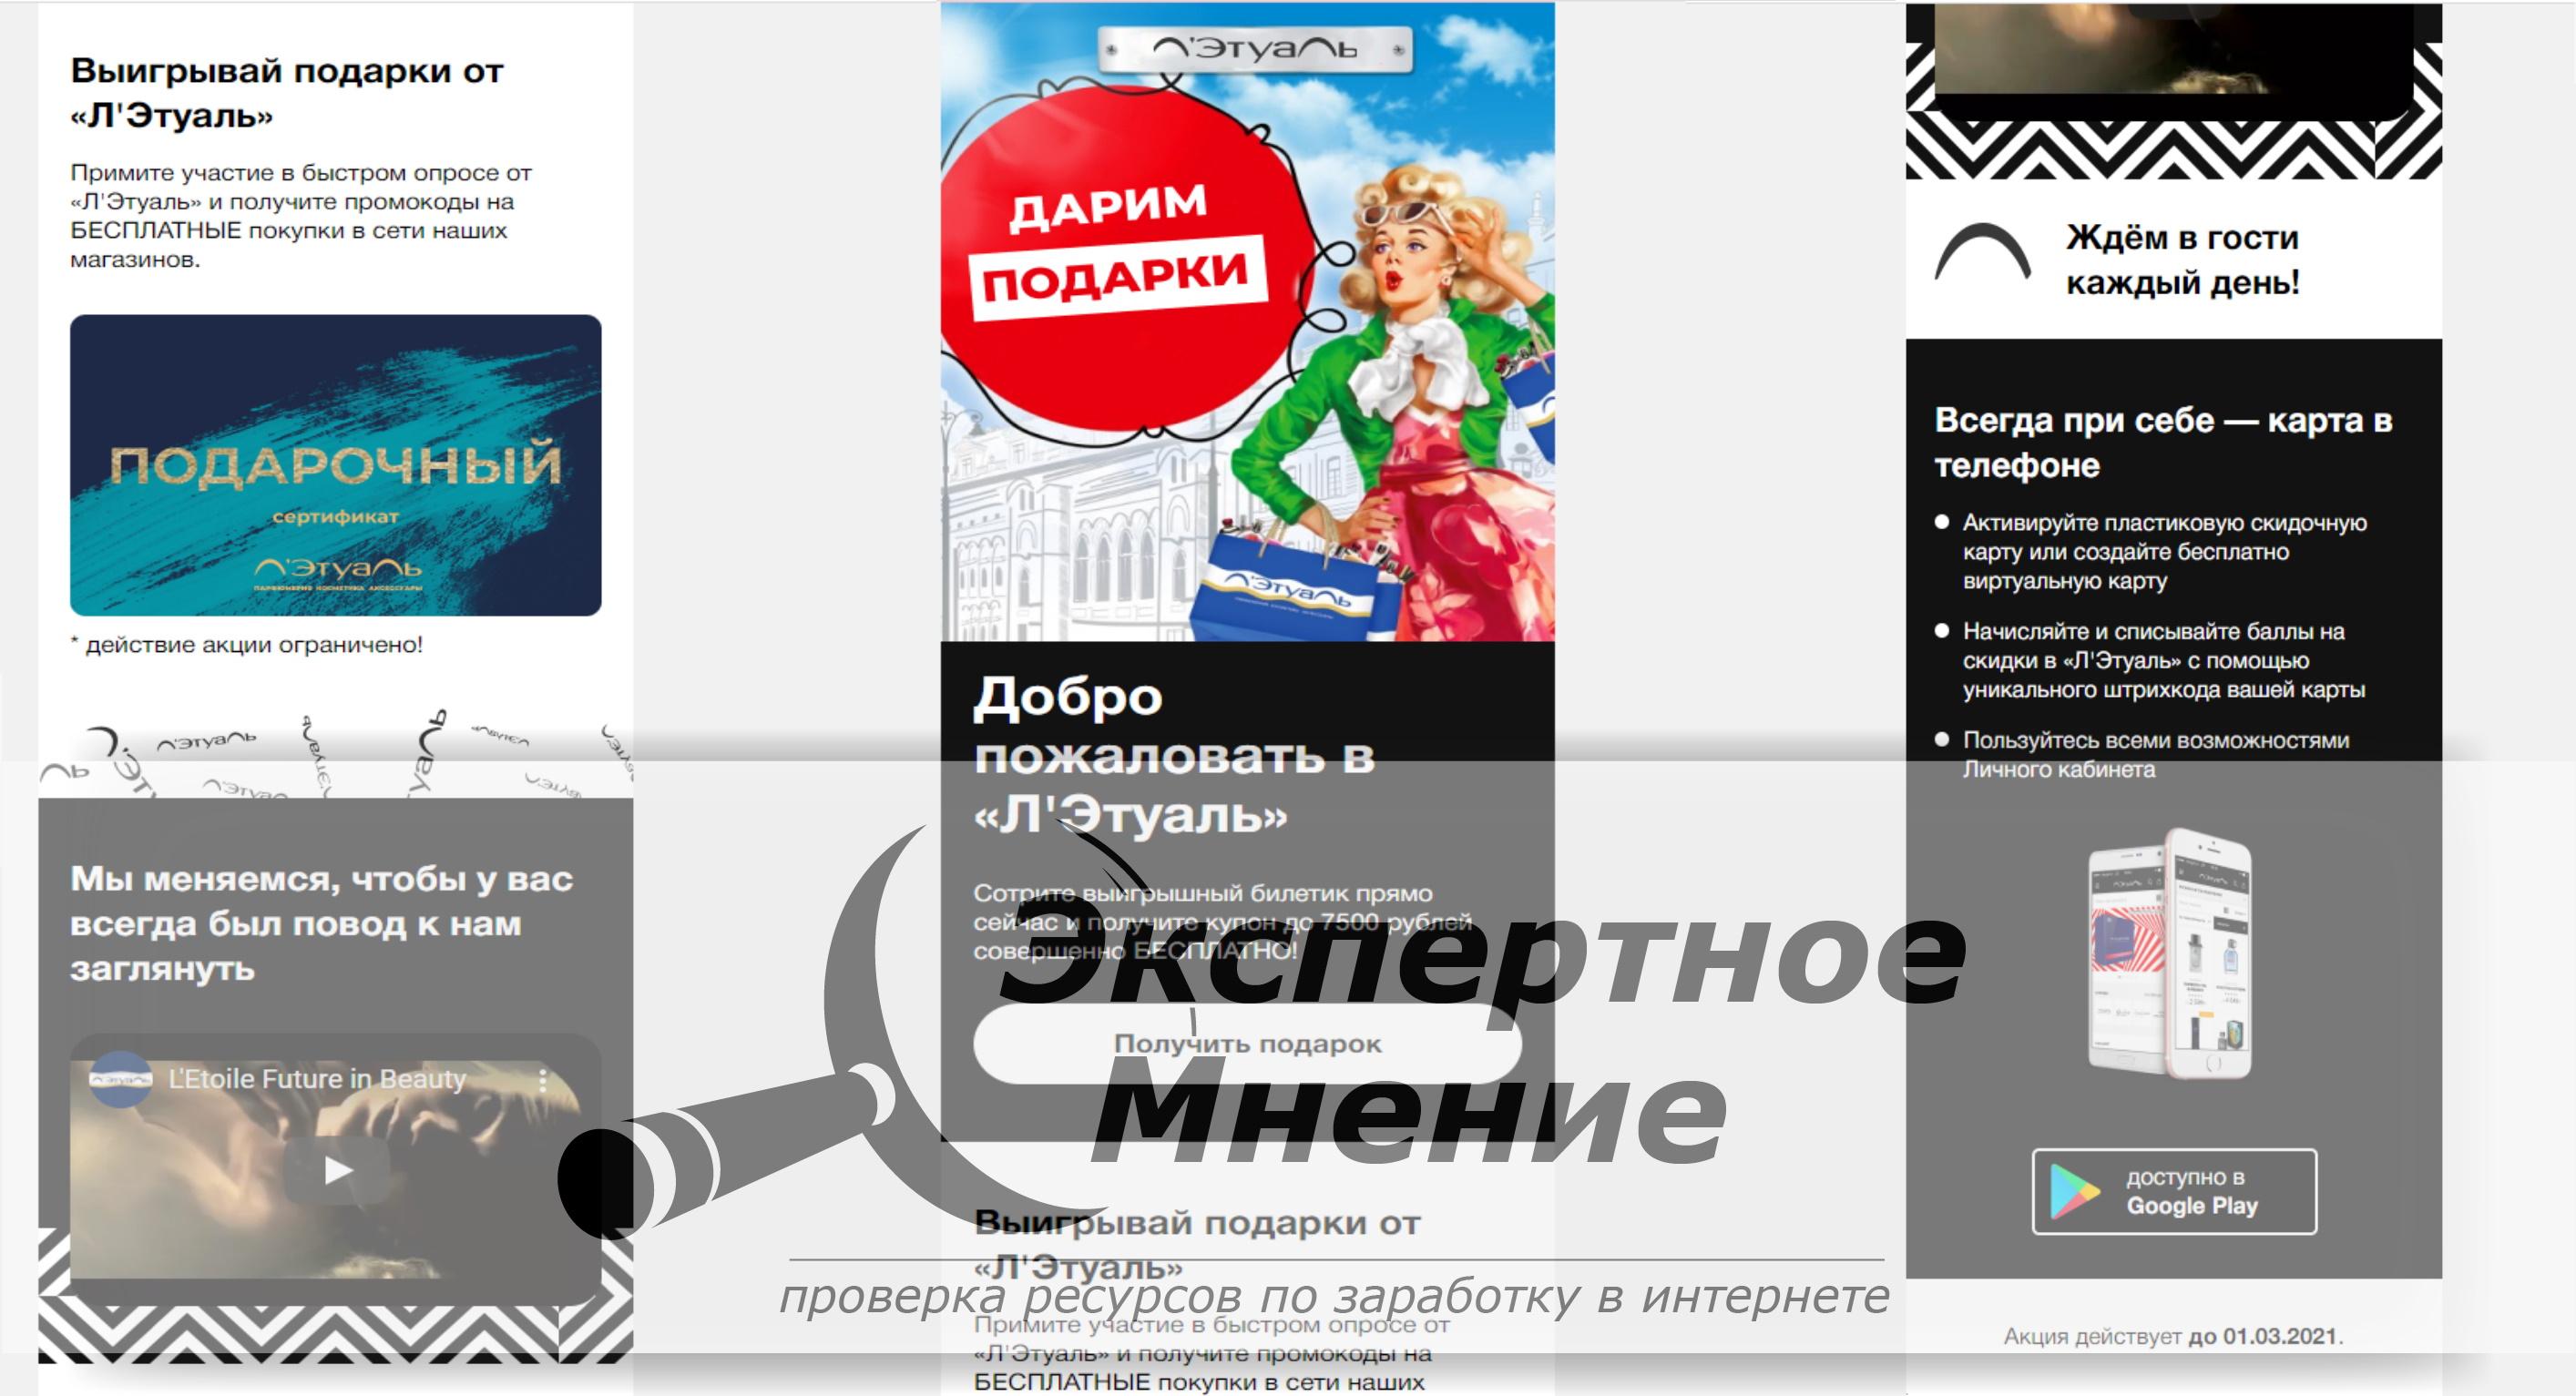 Выигрывай подарки от «Л'Этуаль» сертификат 7500 рублей